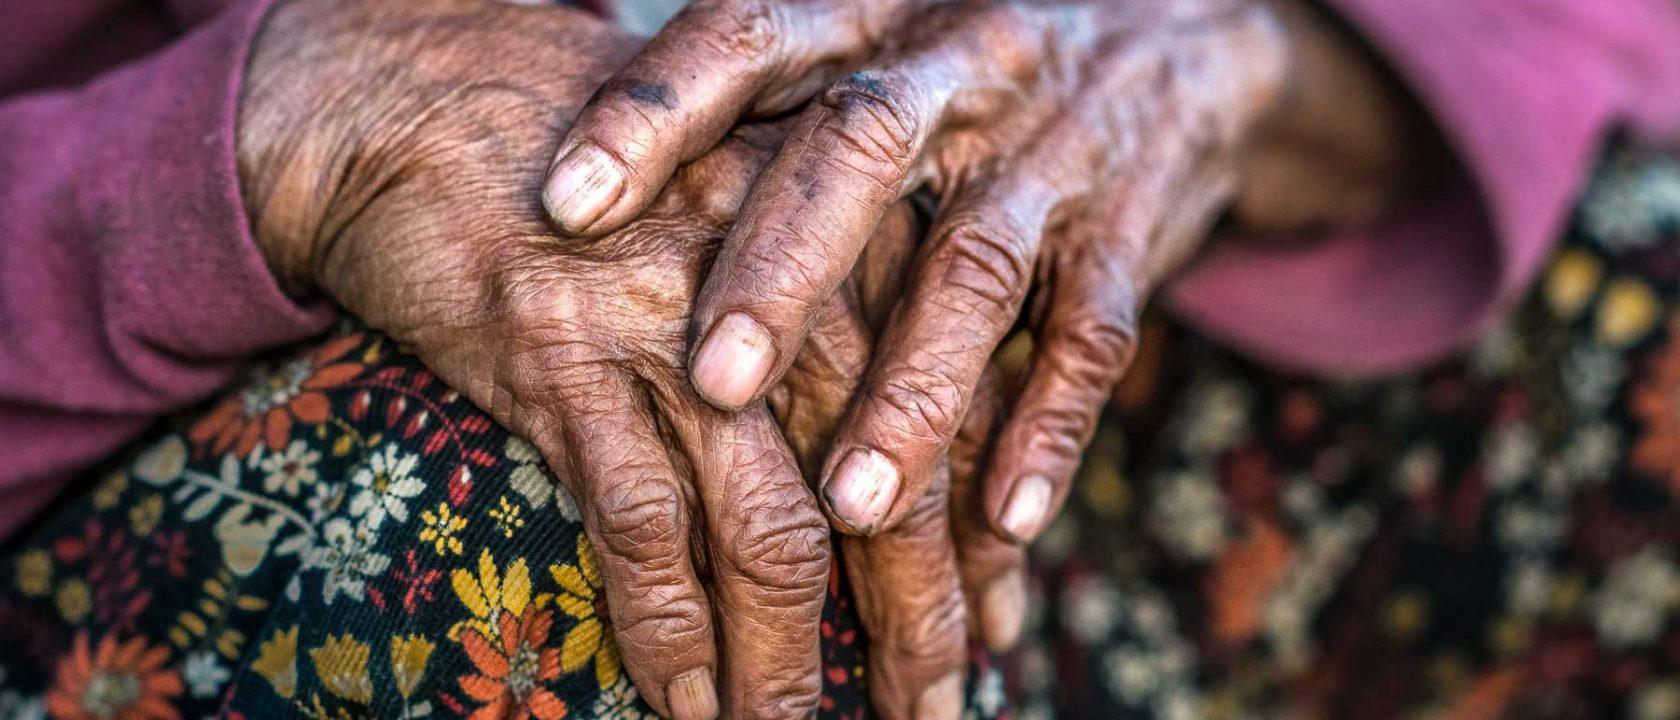 Hände einer alten Frau in Myanmar